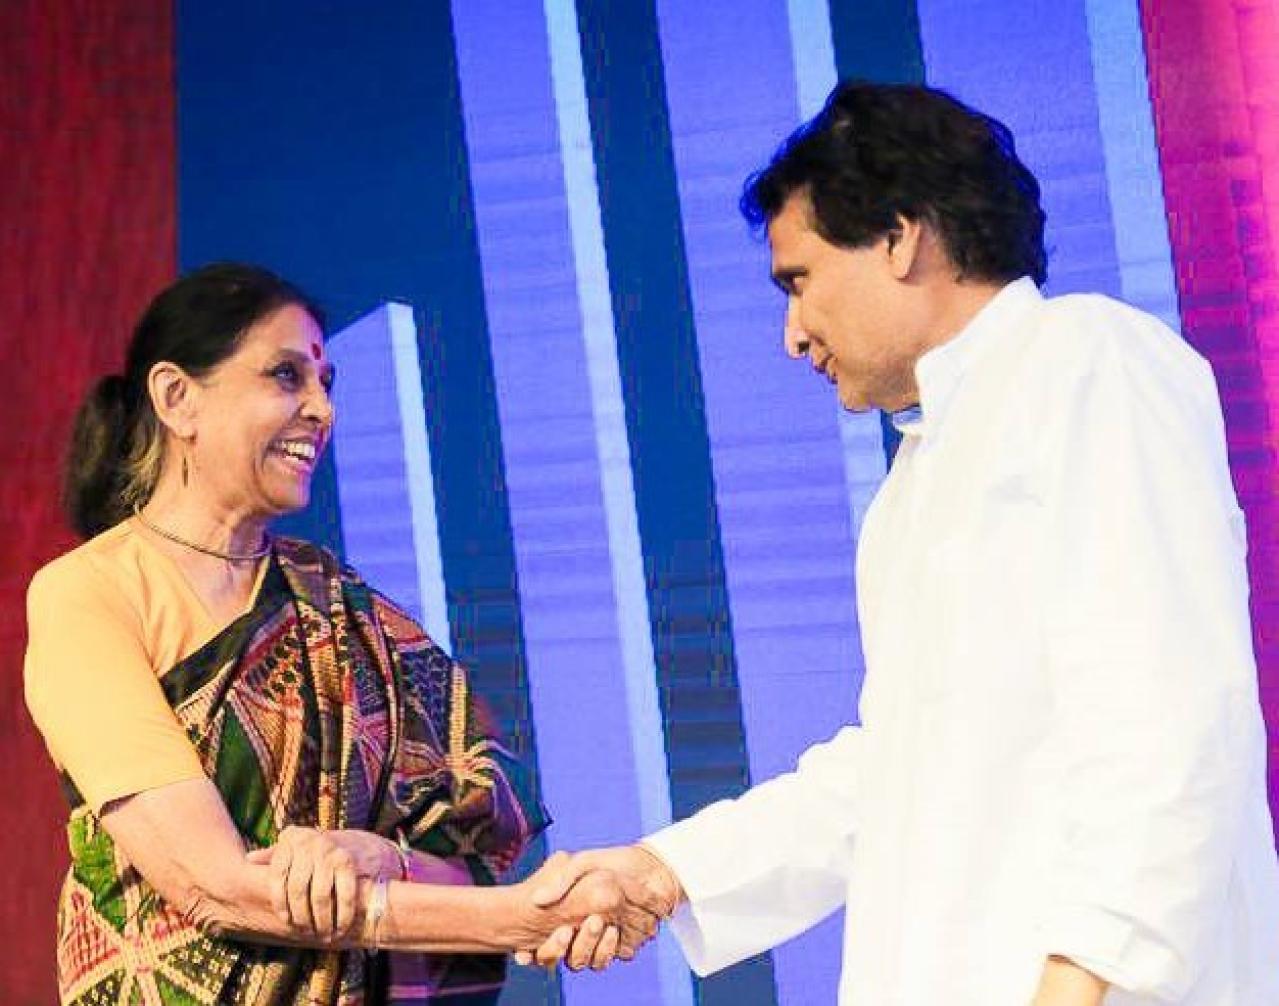 Jaitly shaking hands with Prabhu